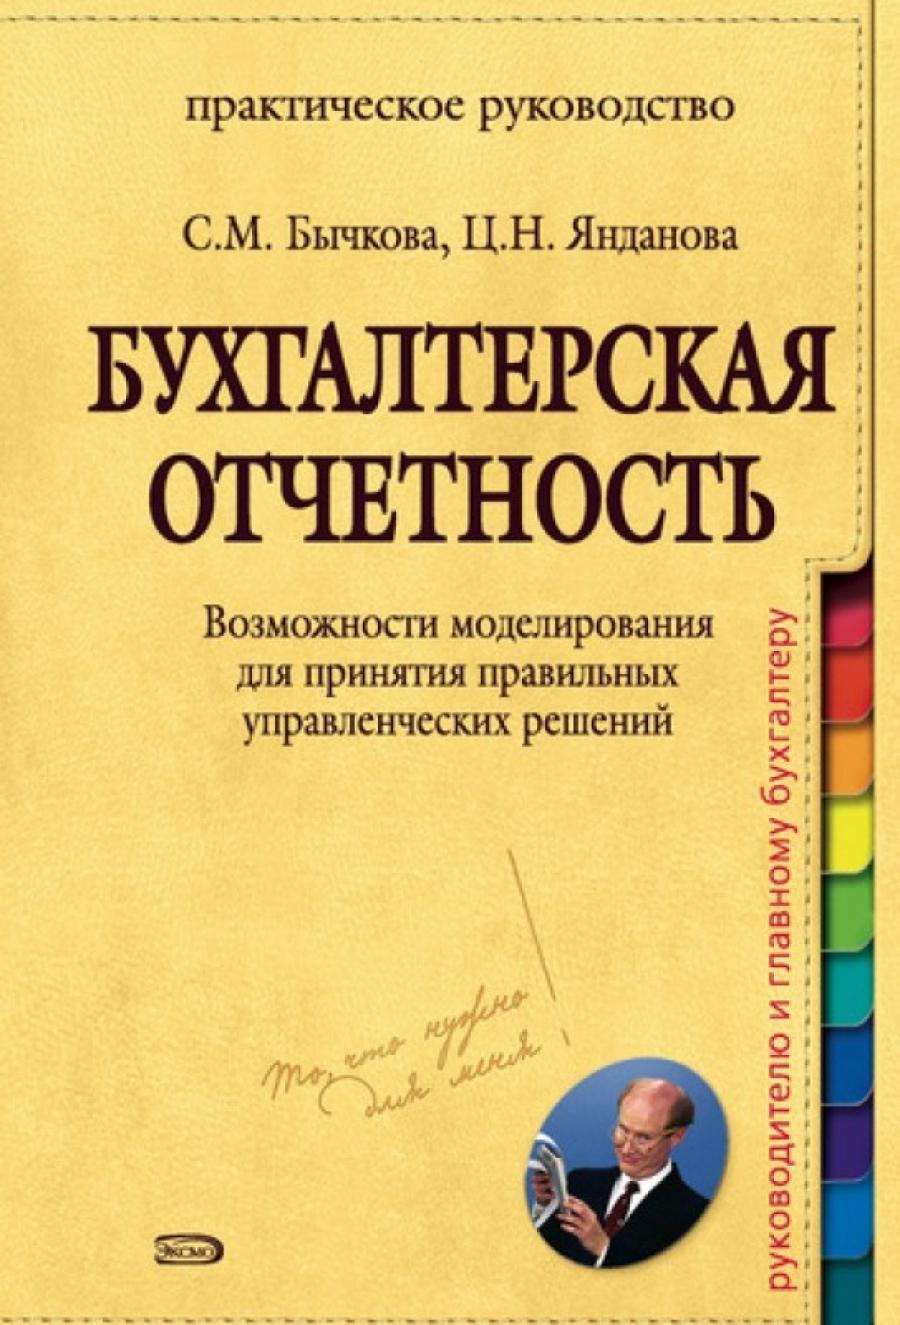 Обложка книги:  янданова ц.н., бычкова с.м. - бухгалтерская отчетность